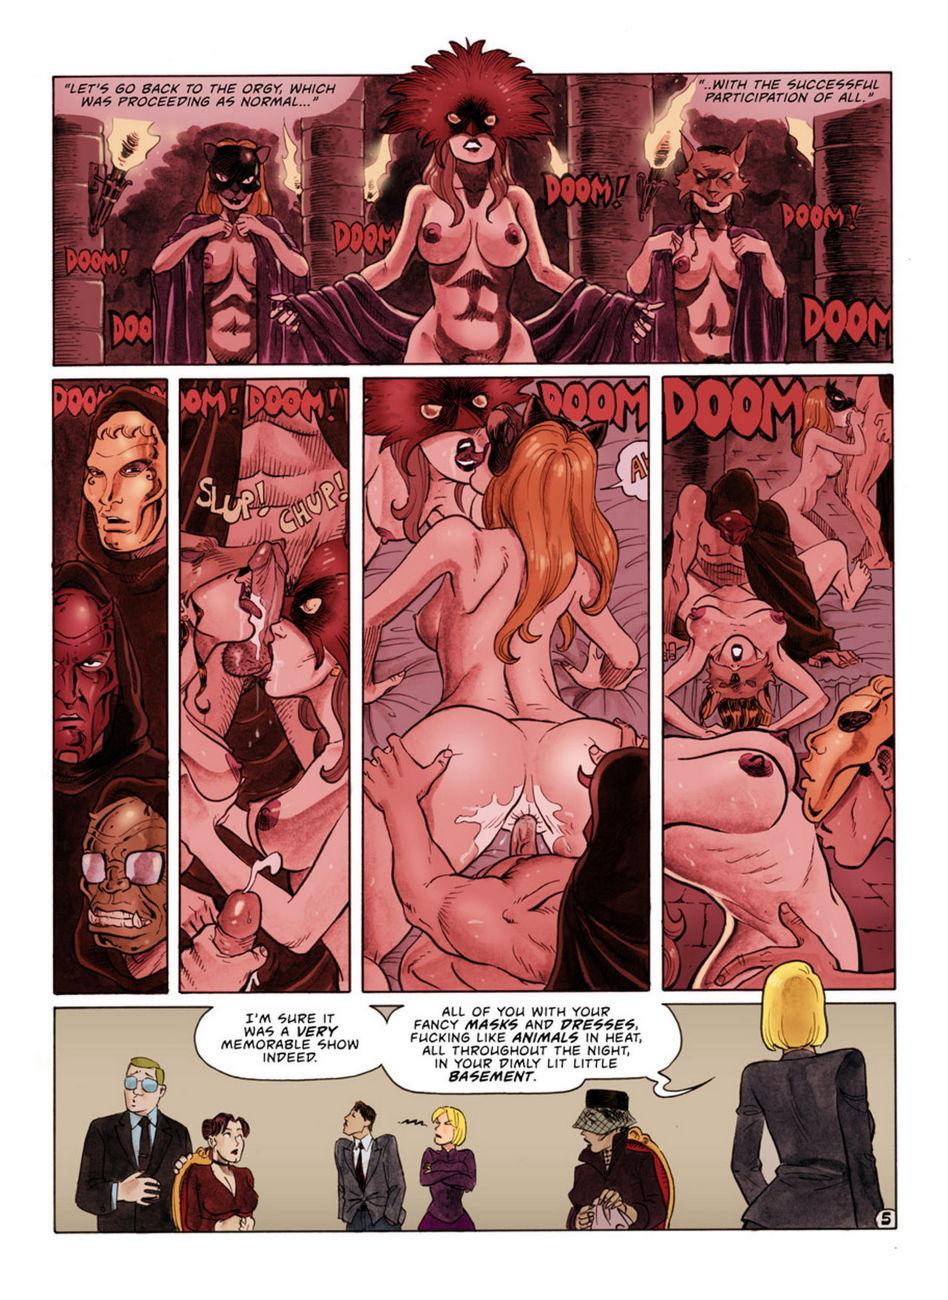 XXX image hot xxx orgy comic